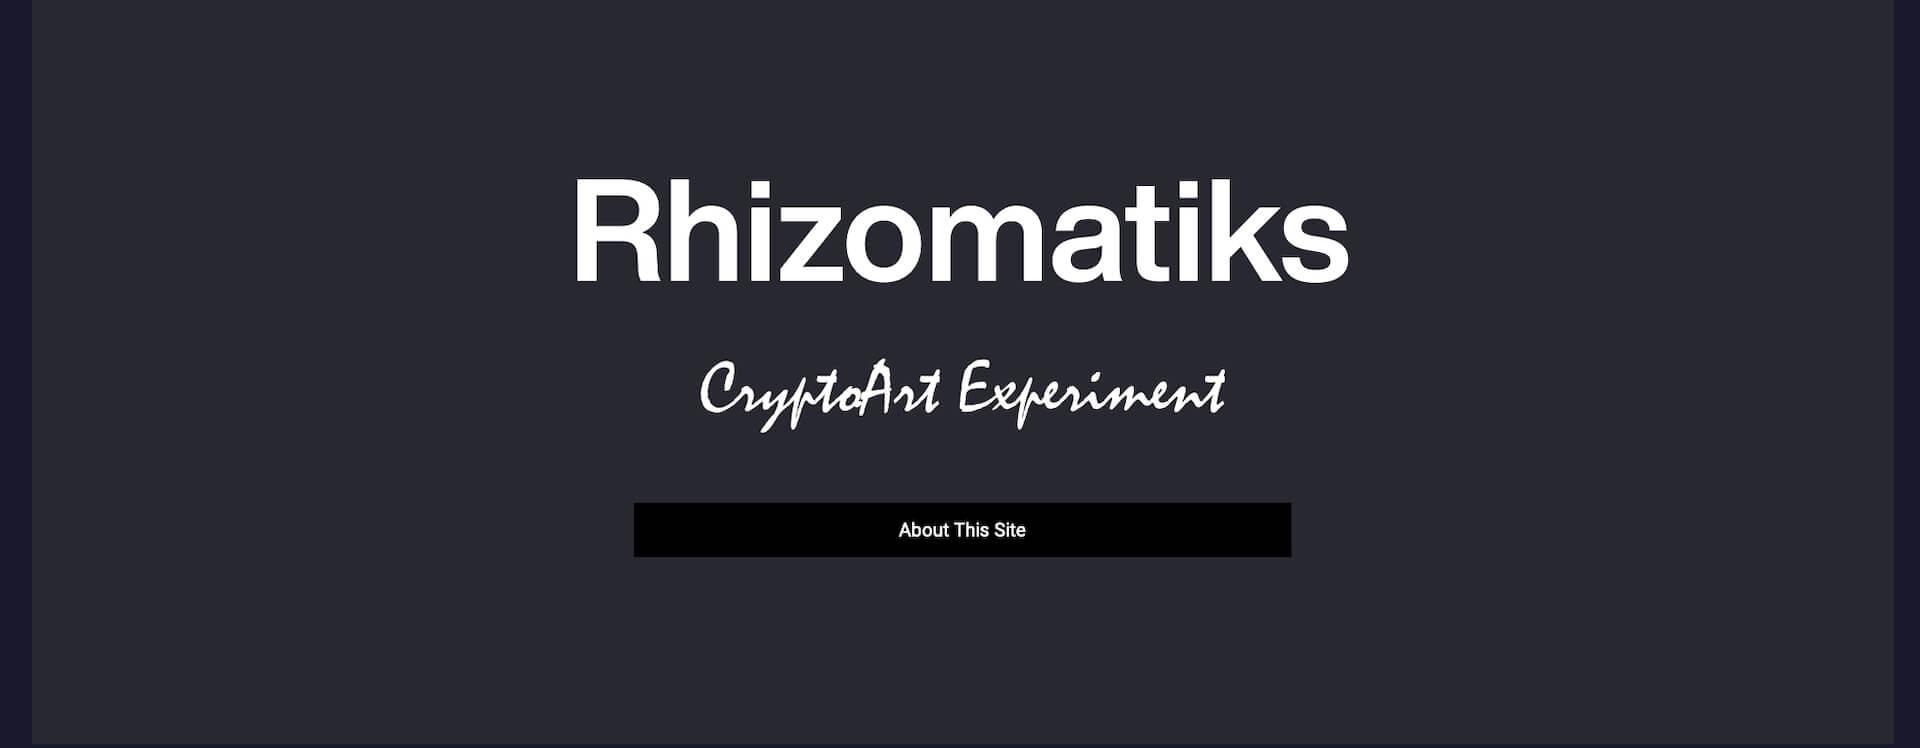 ライゾマティクスによるCryptoArtのプラットフォーム「CryptoArt Experiment」のβ版がオープン! art210405_rhizomatiks_cryptoart_4